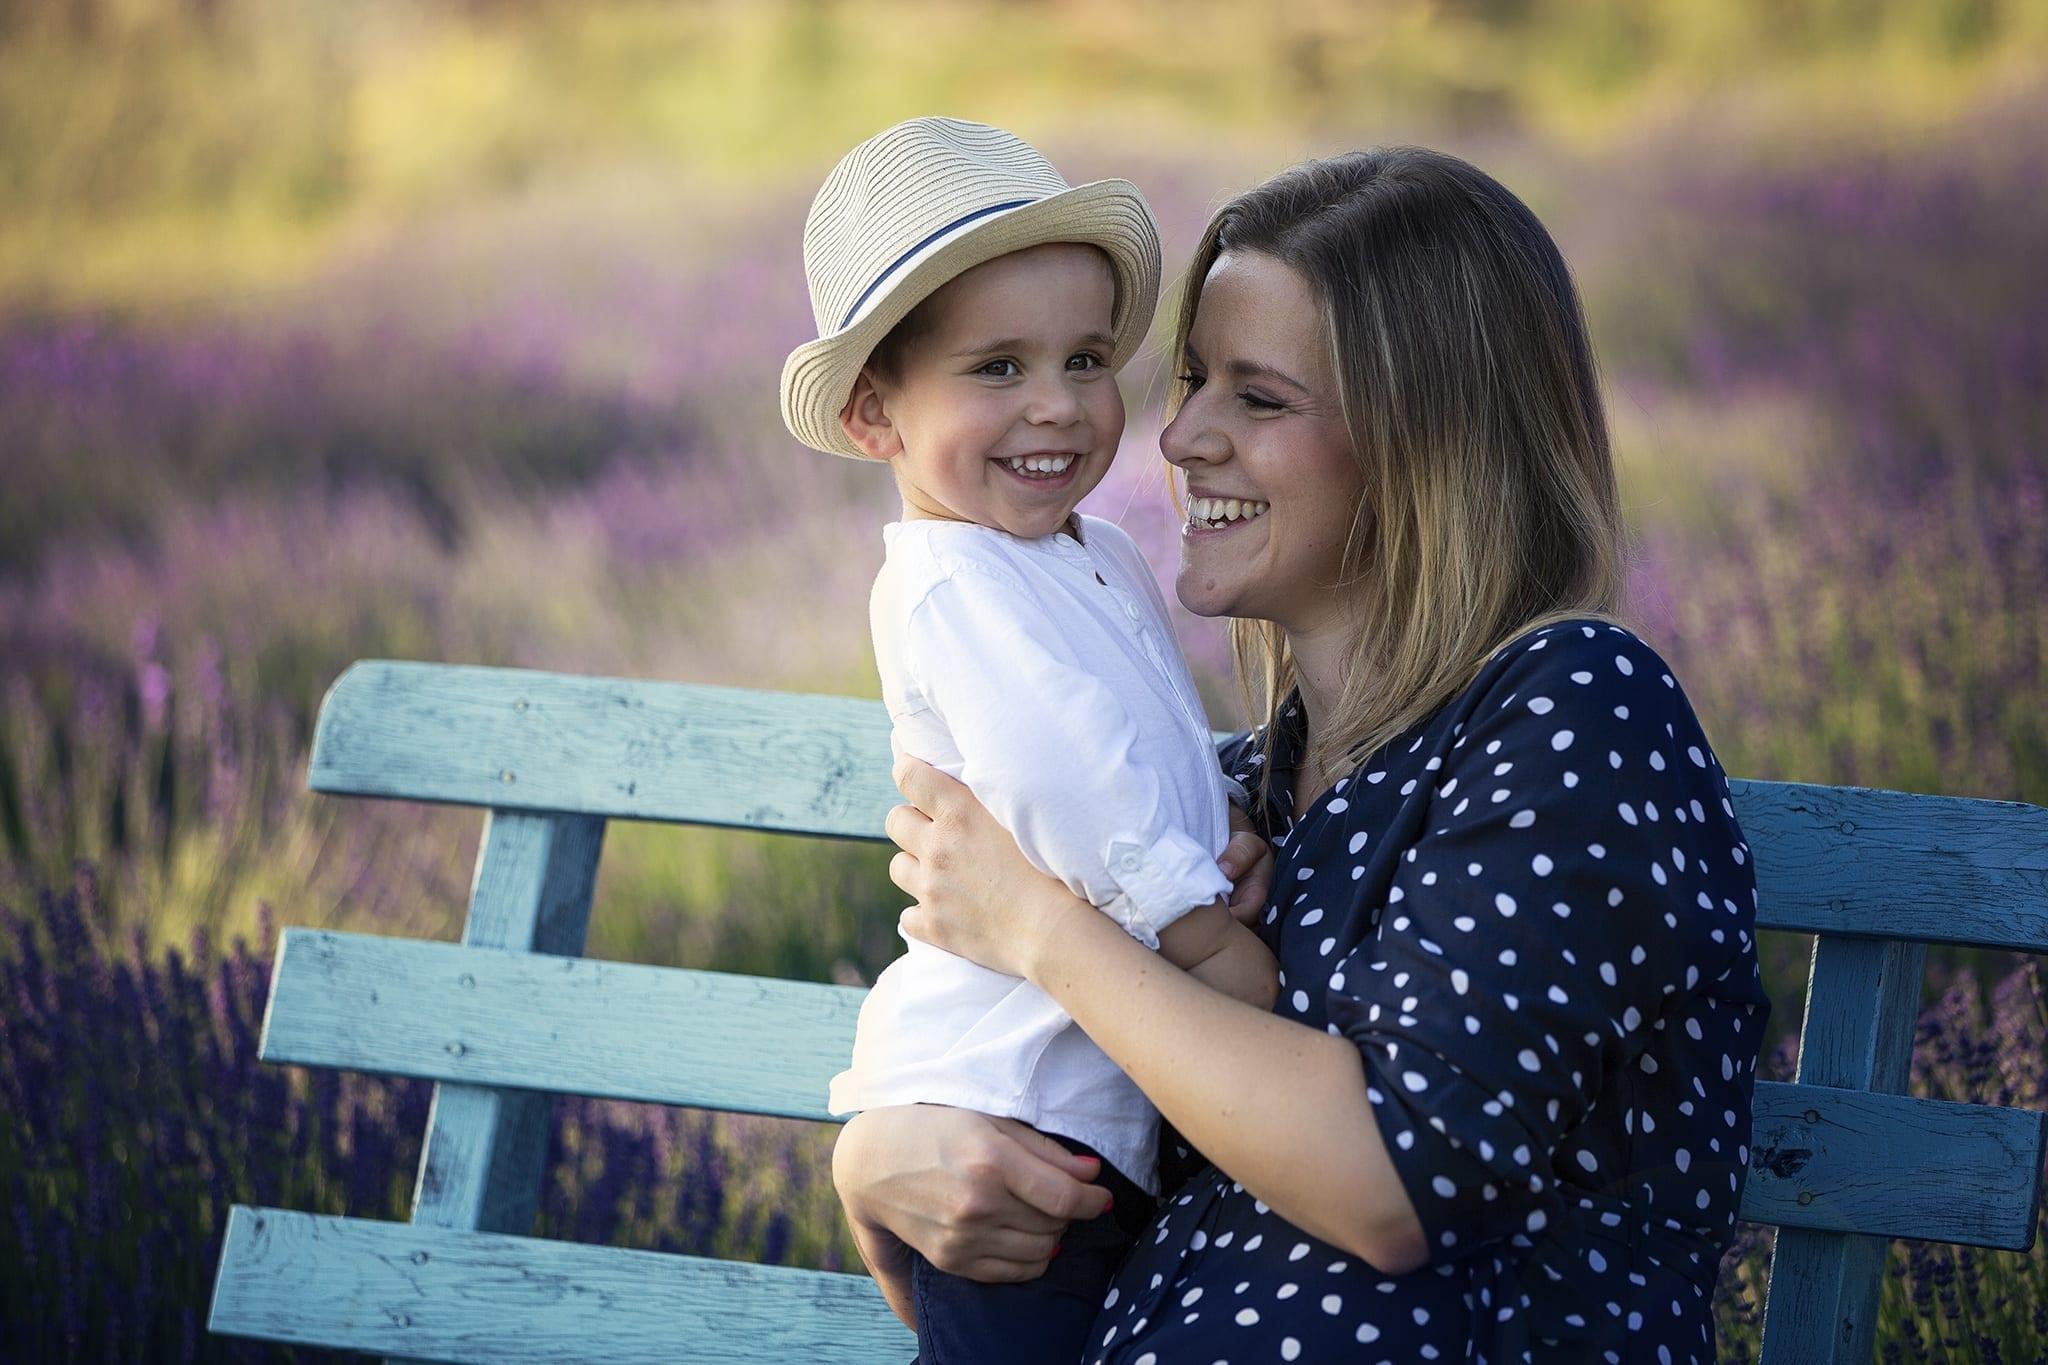 Mosolygós gyermek fotózás a levendulamező közepén